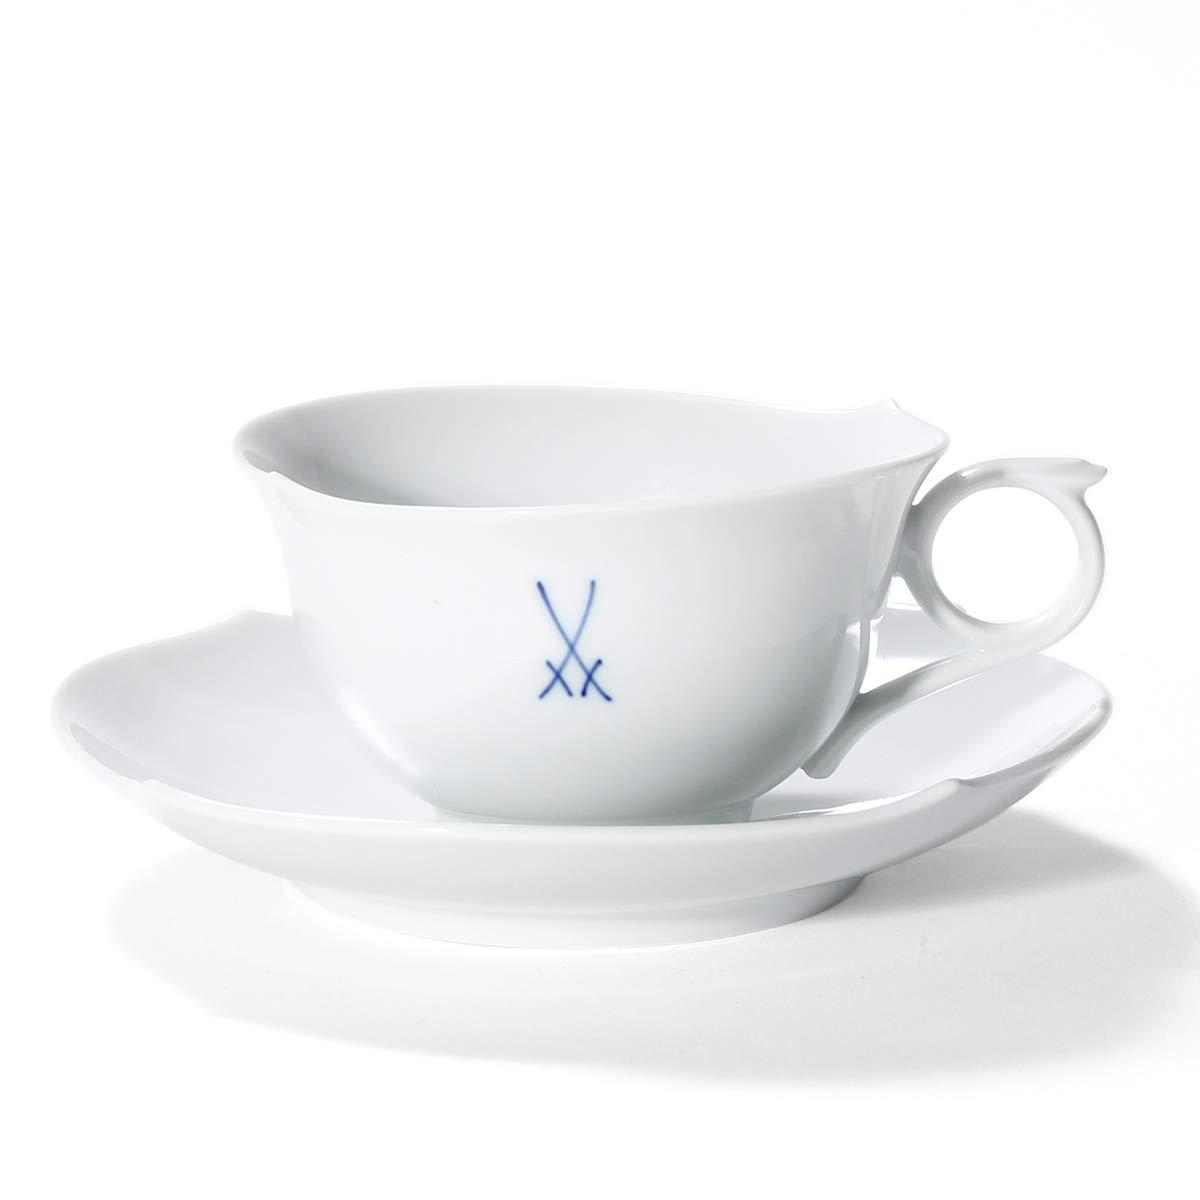 マイセン(Meissen) 剣マーク コレクション ティーカップ&ソーサー B07NRSD7W9